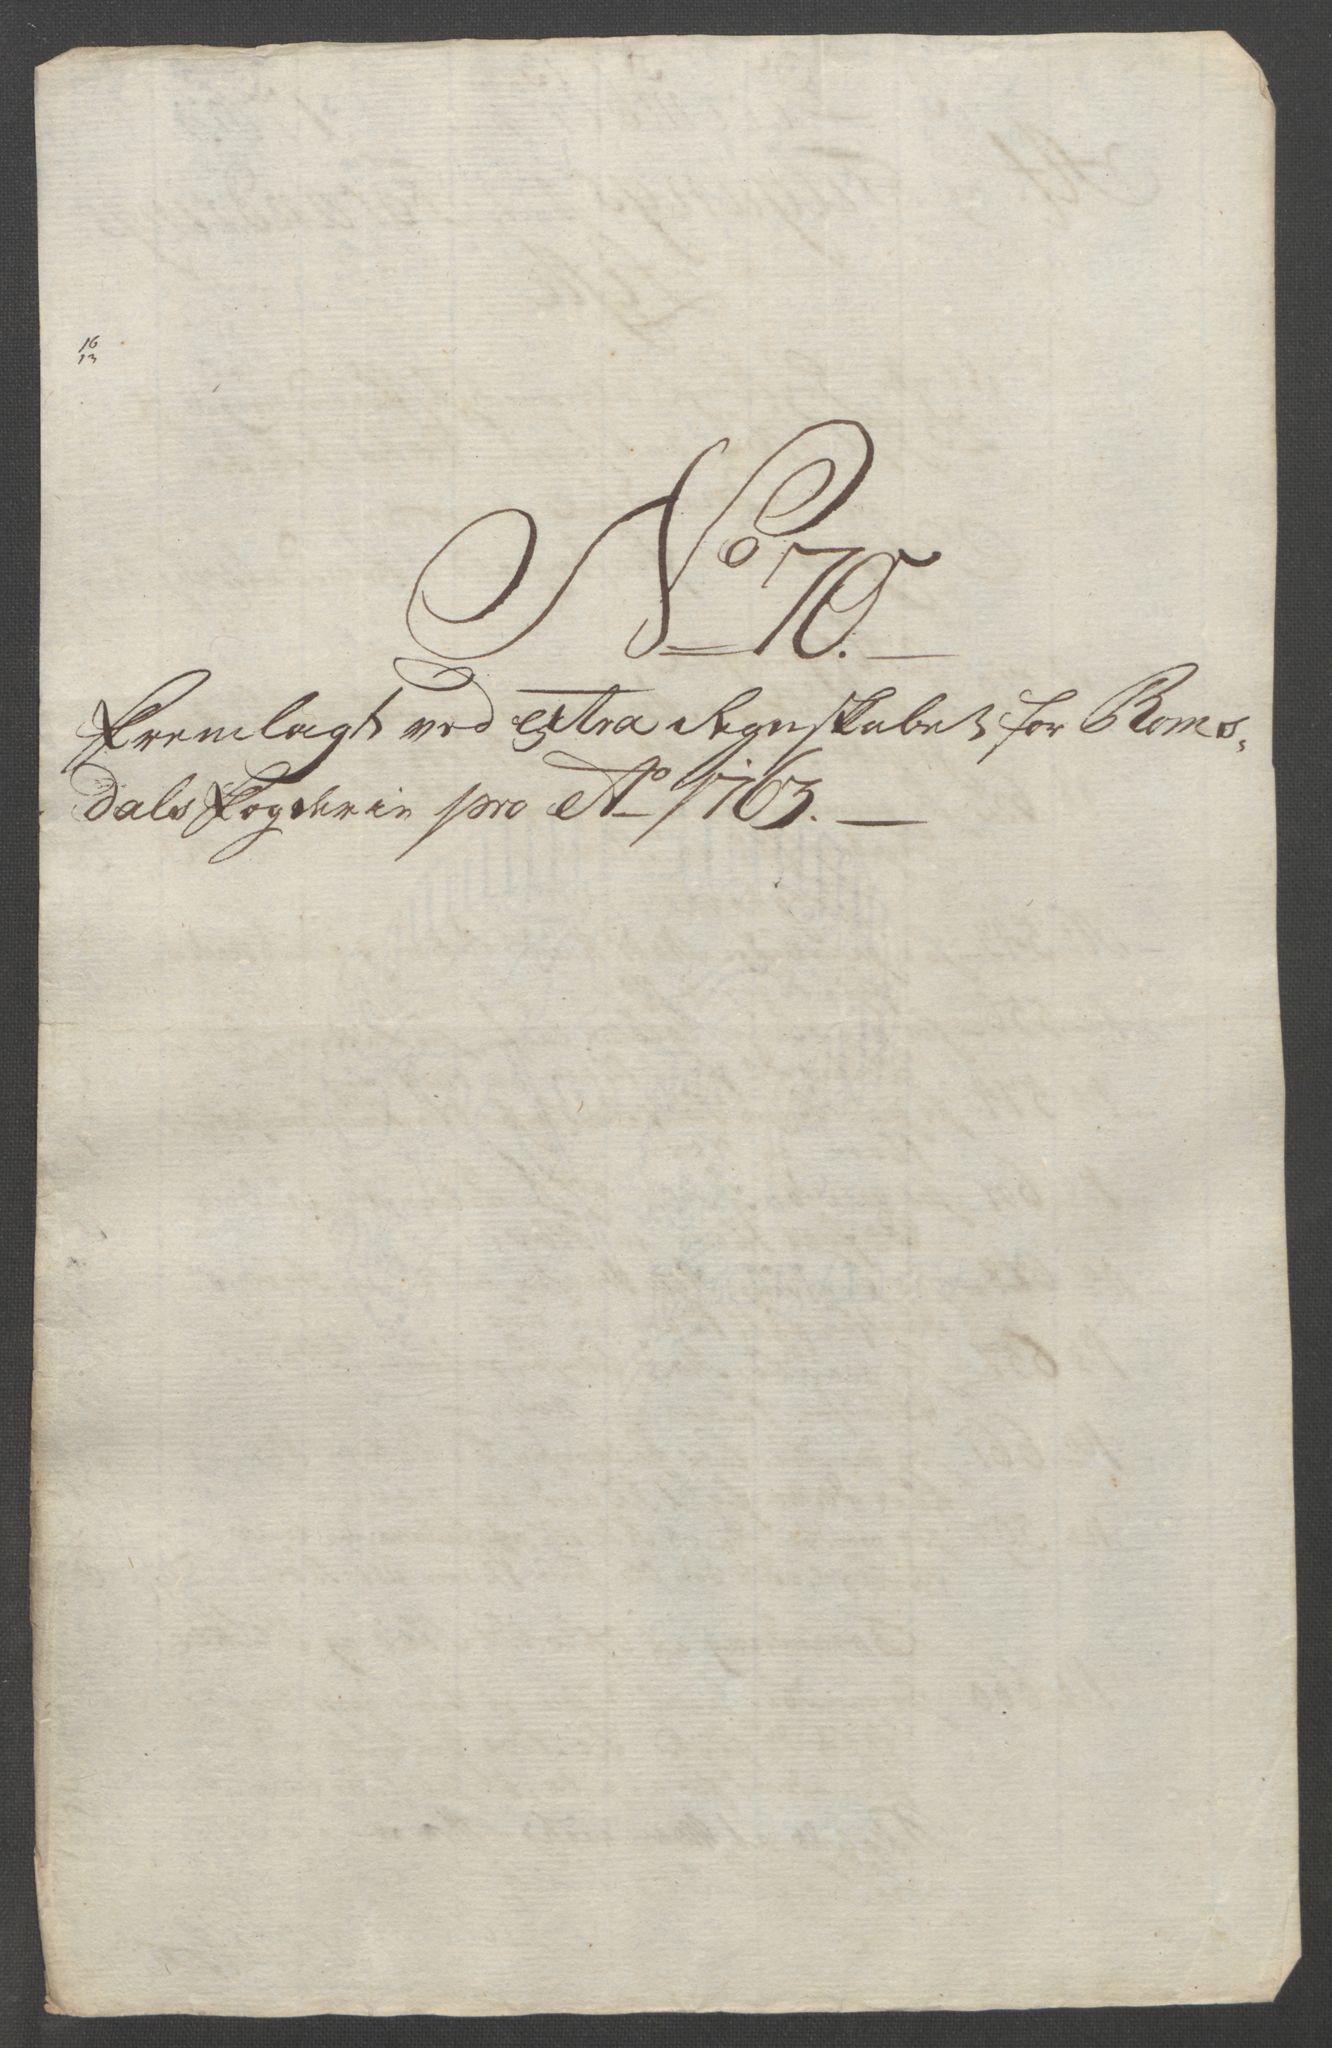 RA, Rentekammeret inntil 1814, Reviderte regnskaper, Fogderegnskap, R55/L3730: Ekstraskatten Romsdal, 1762-1763, s. 520